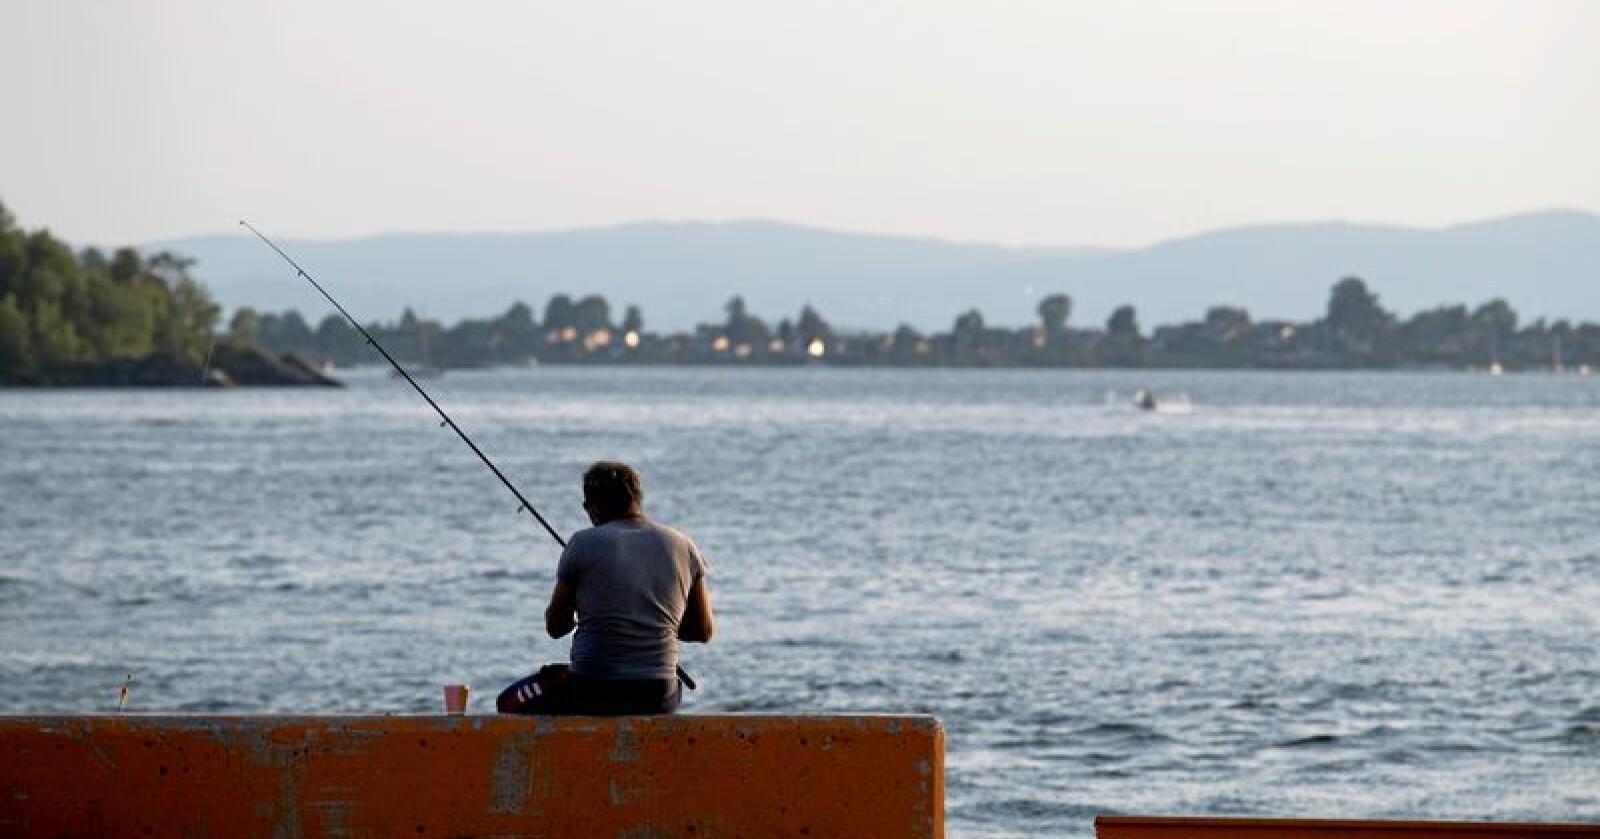 Fiskere som mot formodning får en torsk på kroken, må fra lørdag 15. juni slippe den ut igjen dersom den er fremdeles er levedyktig. Illustrasjonsfoto: Torstein Bøe / NTB scanpix